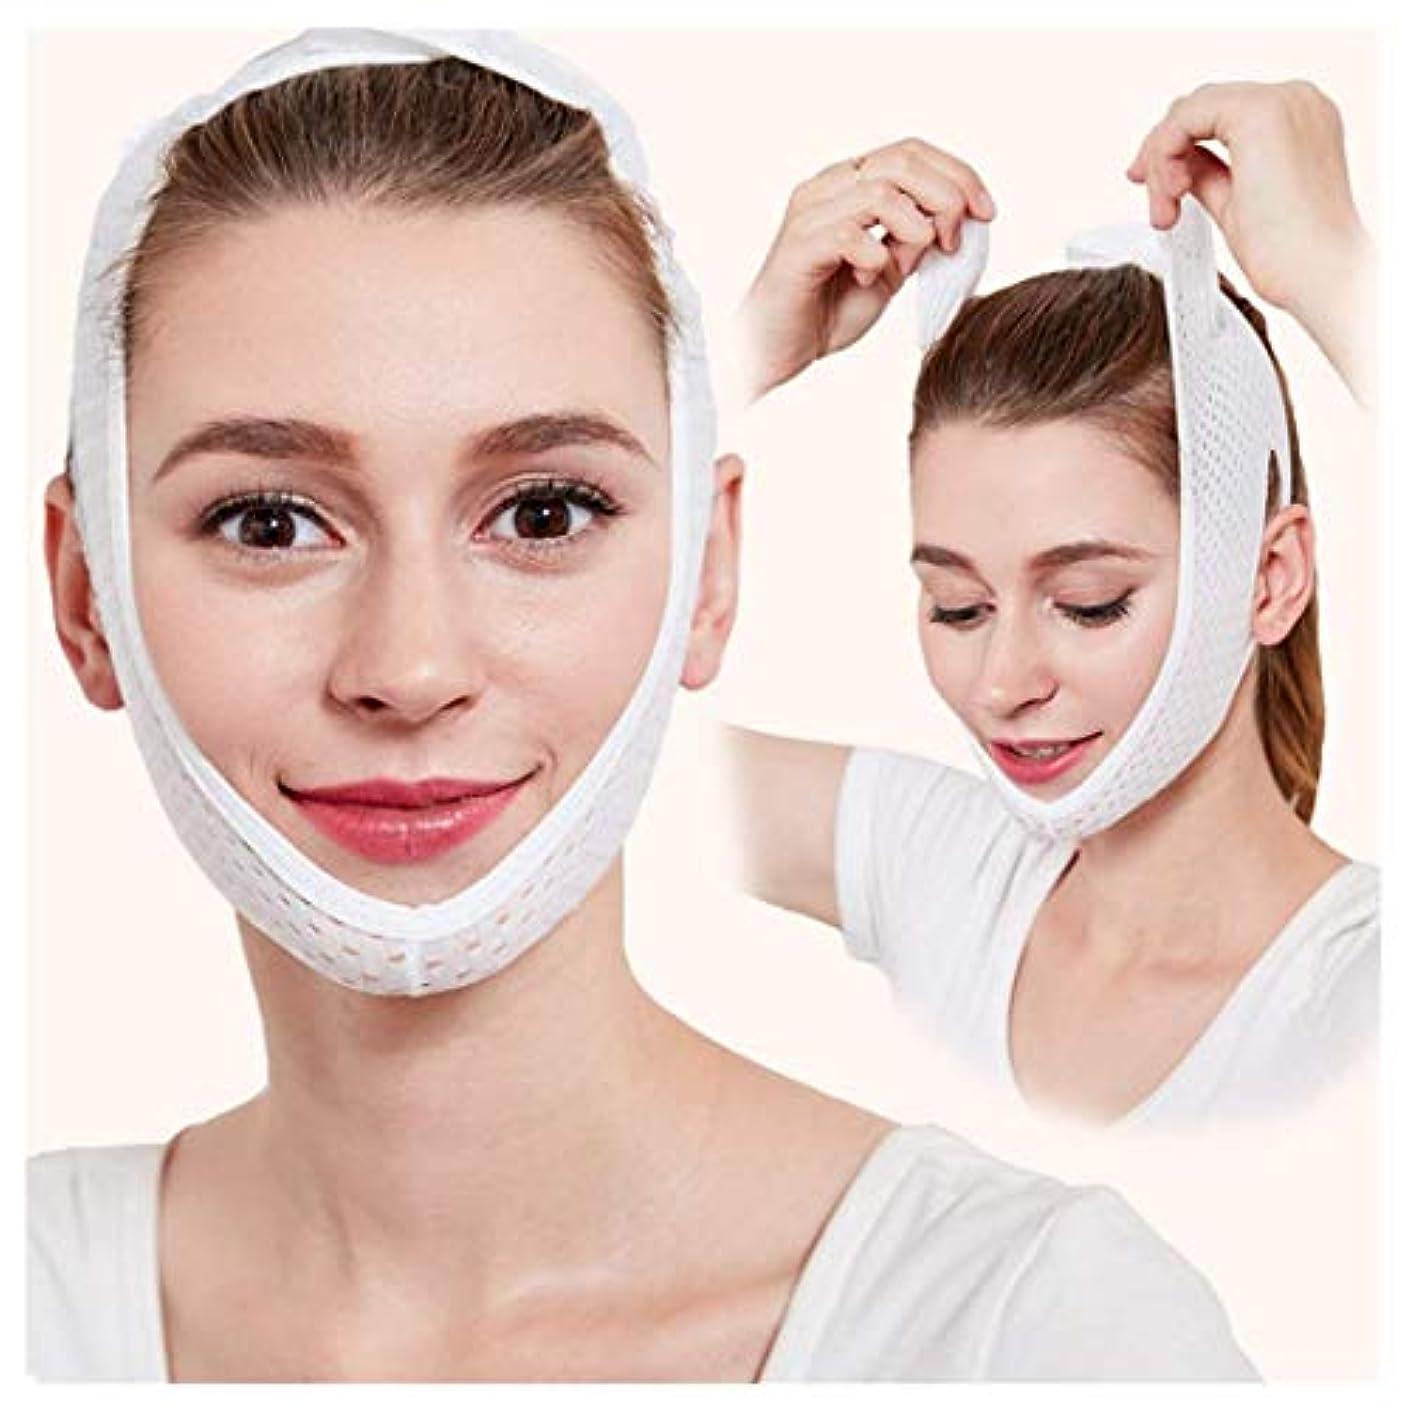 雑草スマートアテンダントWSJTT 顔のリフティングストラップ、Vラインファーミングラップは、女性のためのバージョンVシェイプフェイススリミングマスクアップグレードリフティングネック二重あごベルトスキンケアチンマスク